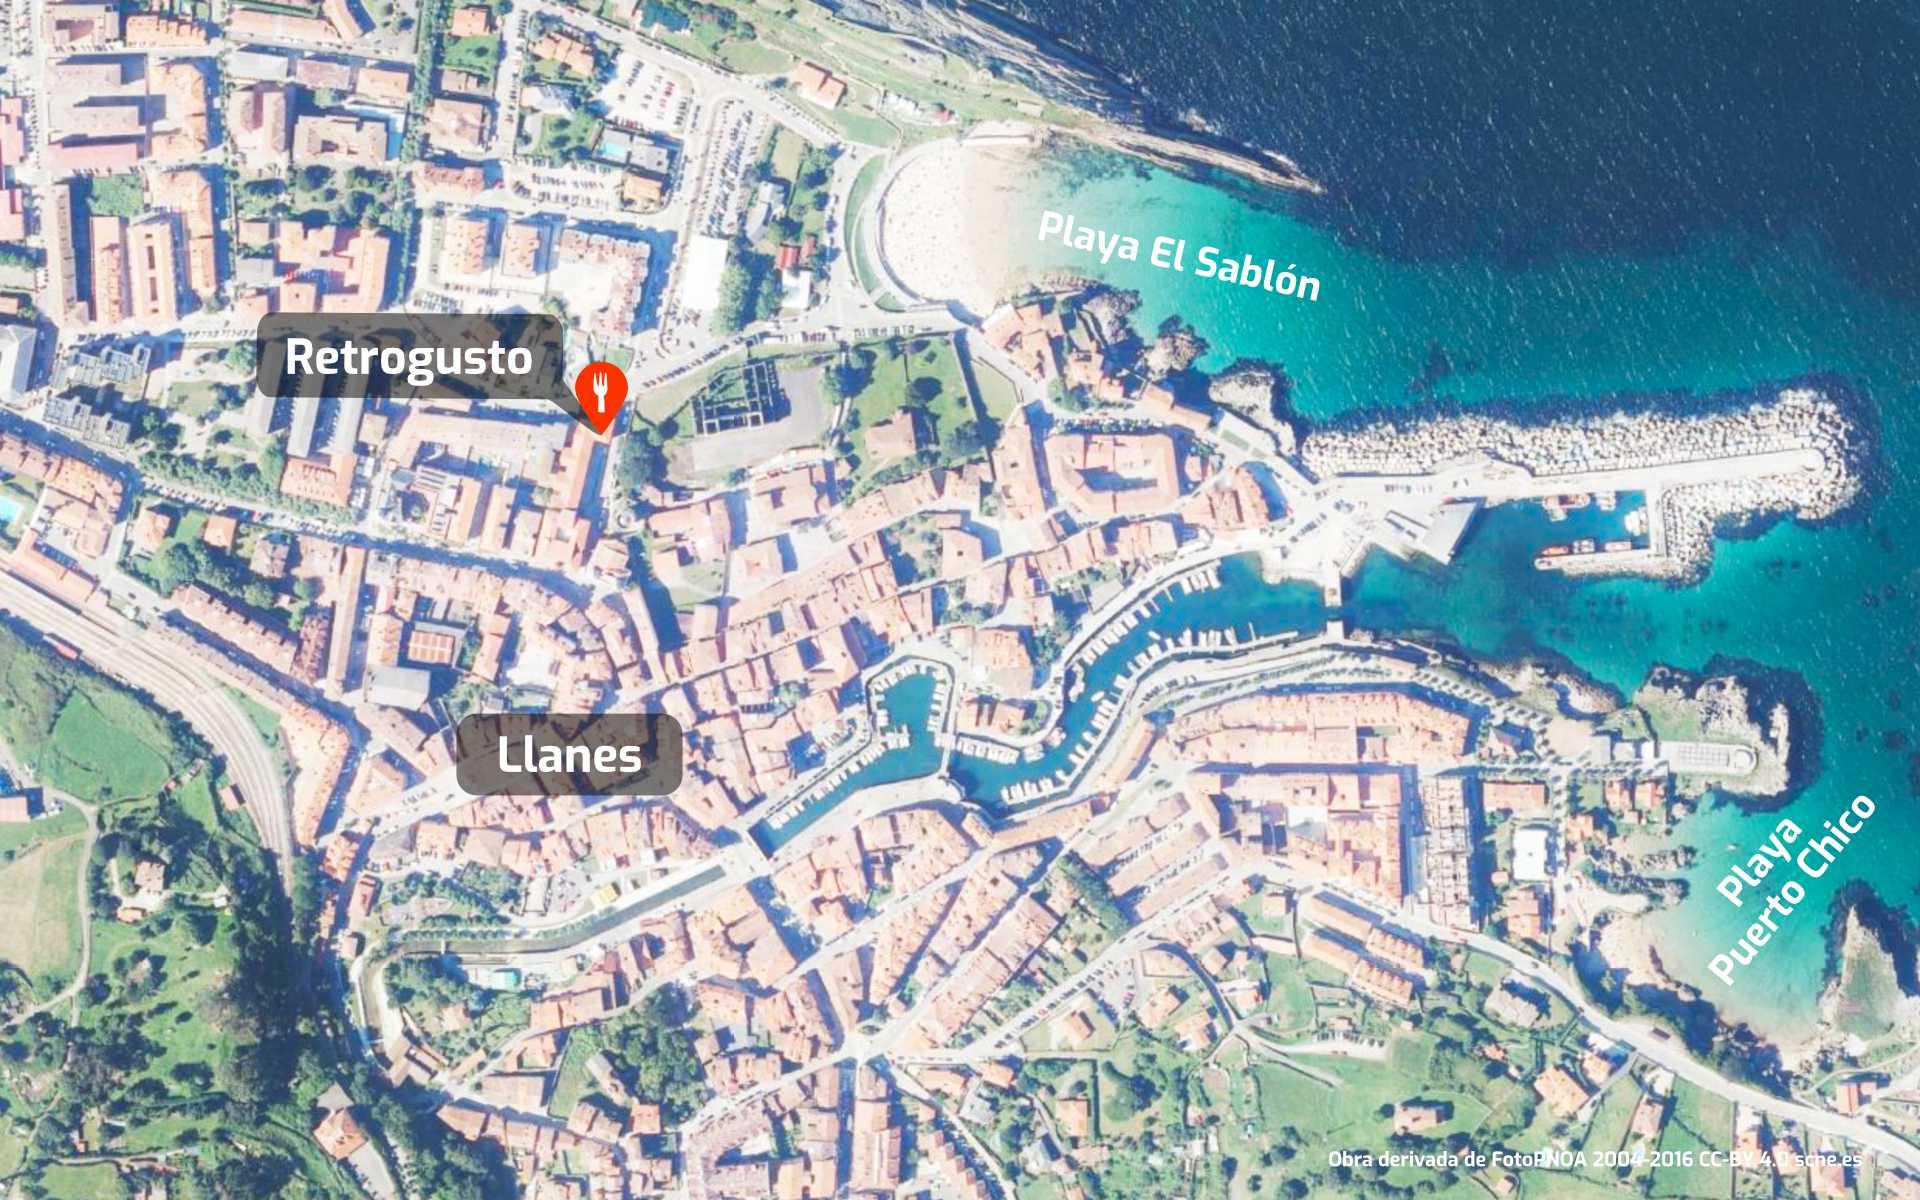 Mapa de cómo llegar al restaurante Retrogusto en Llanes, Asturias